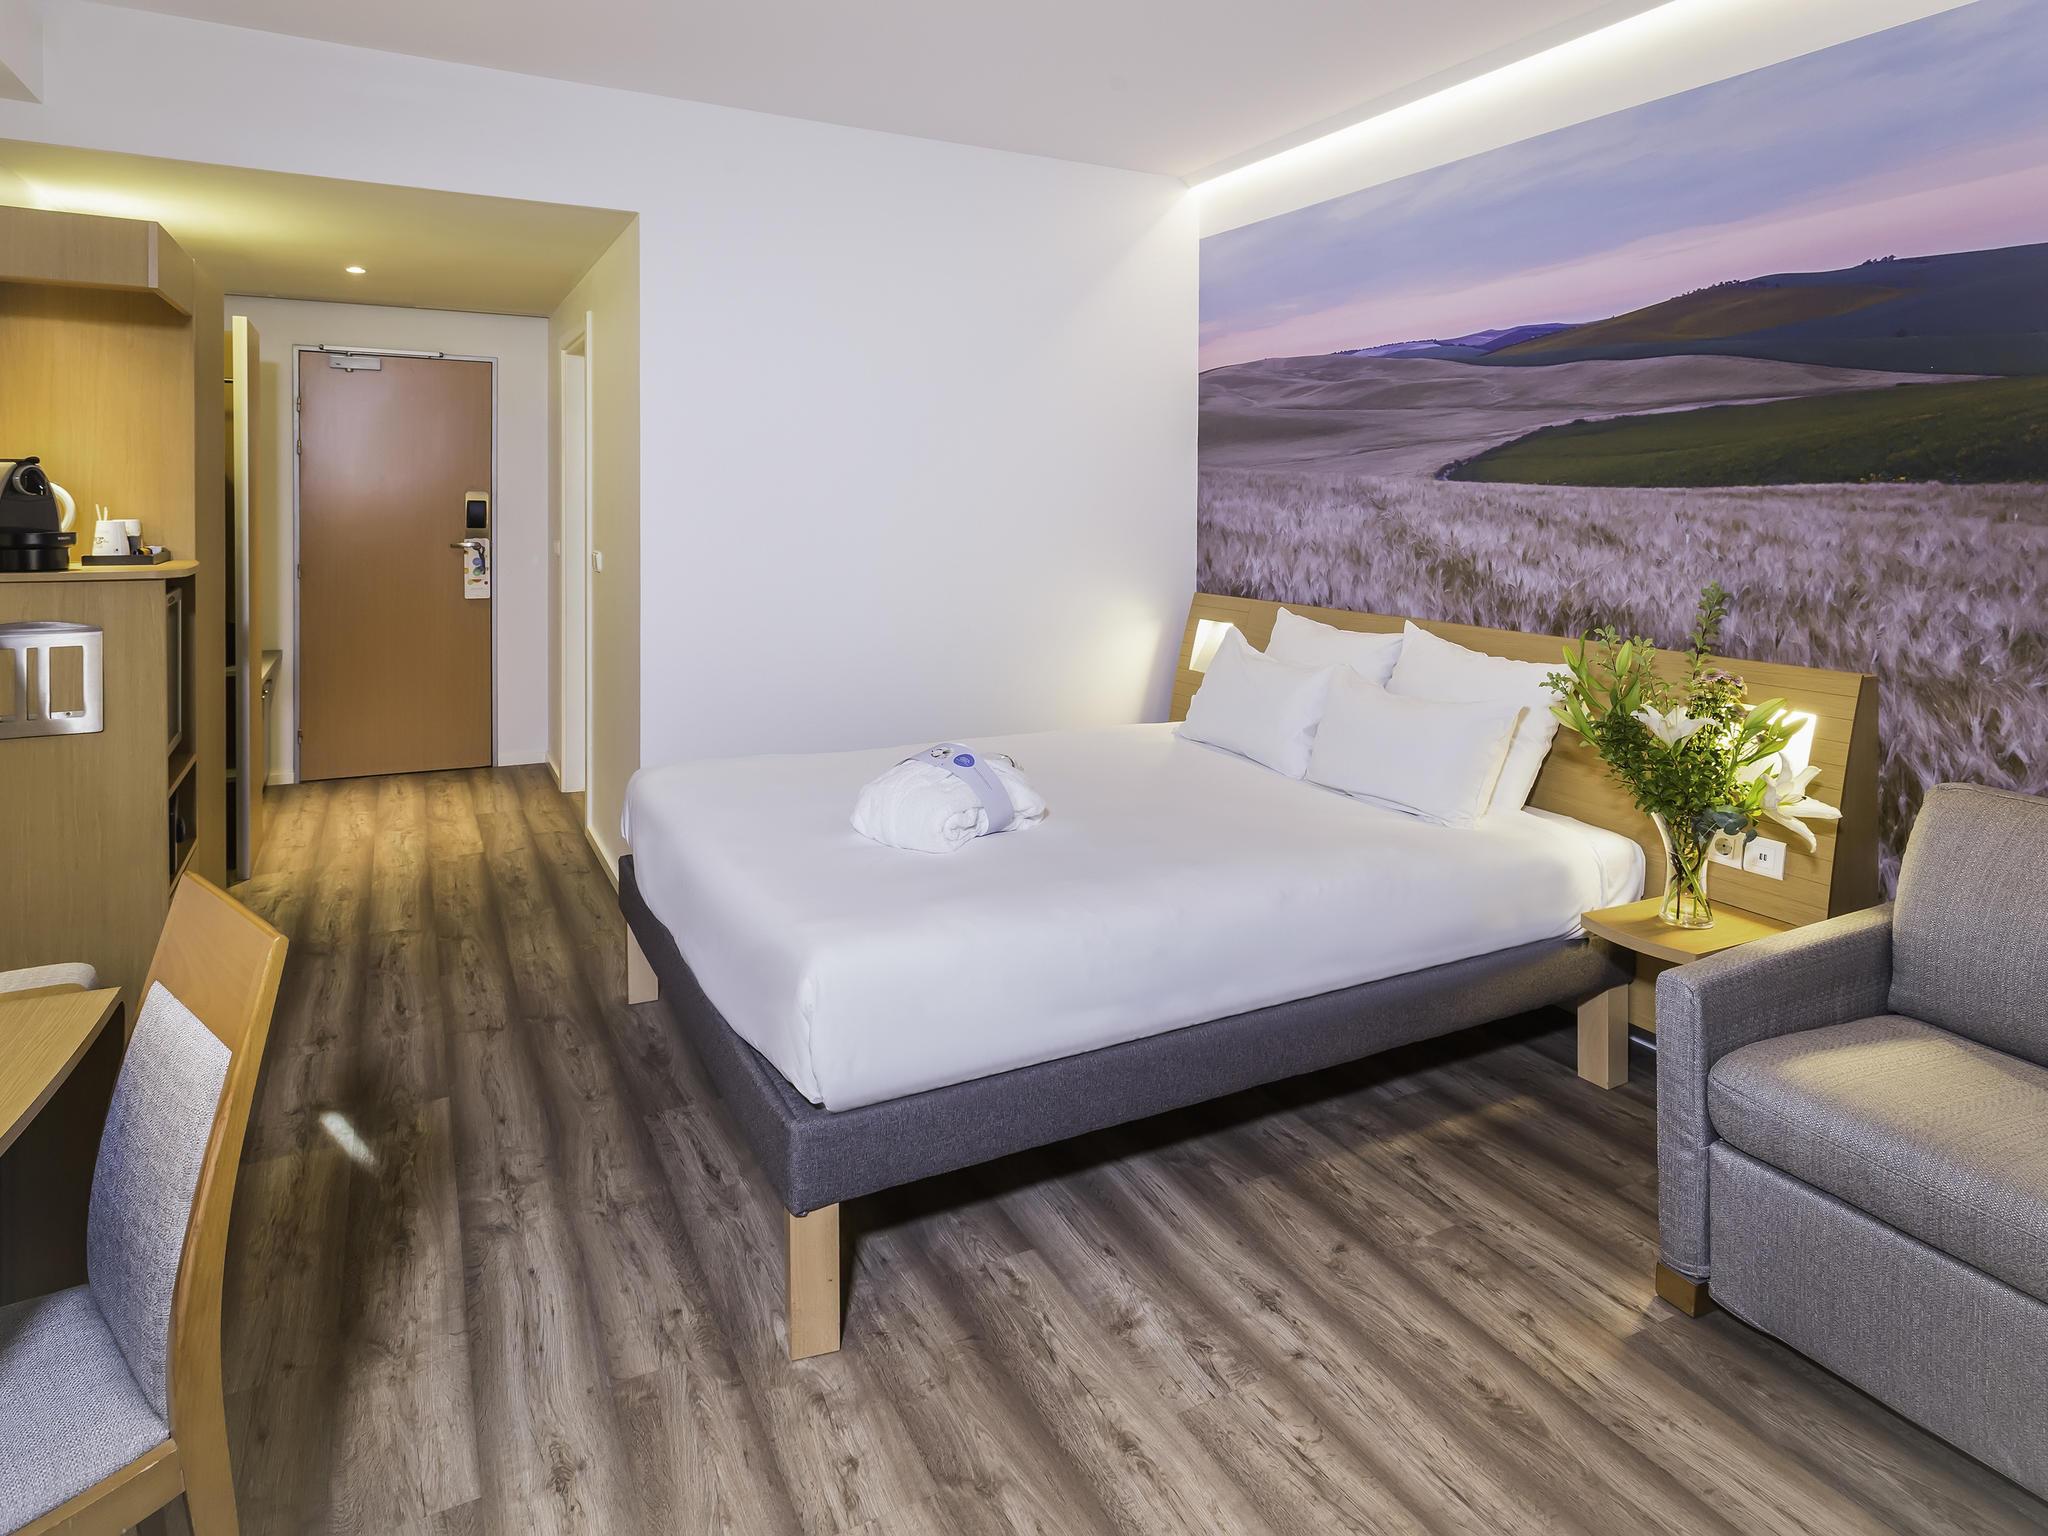 NOVOTEL HOTEL SEVILLA